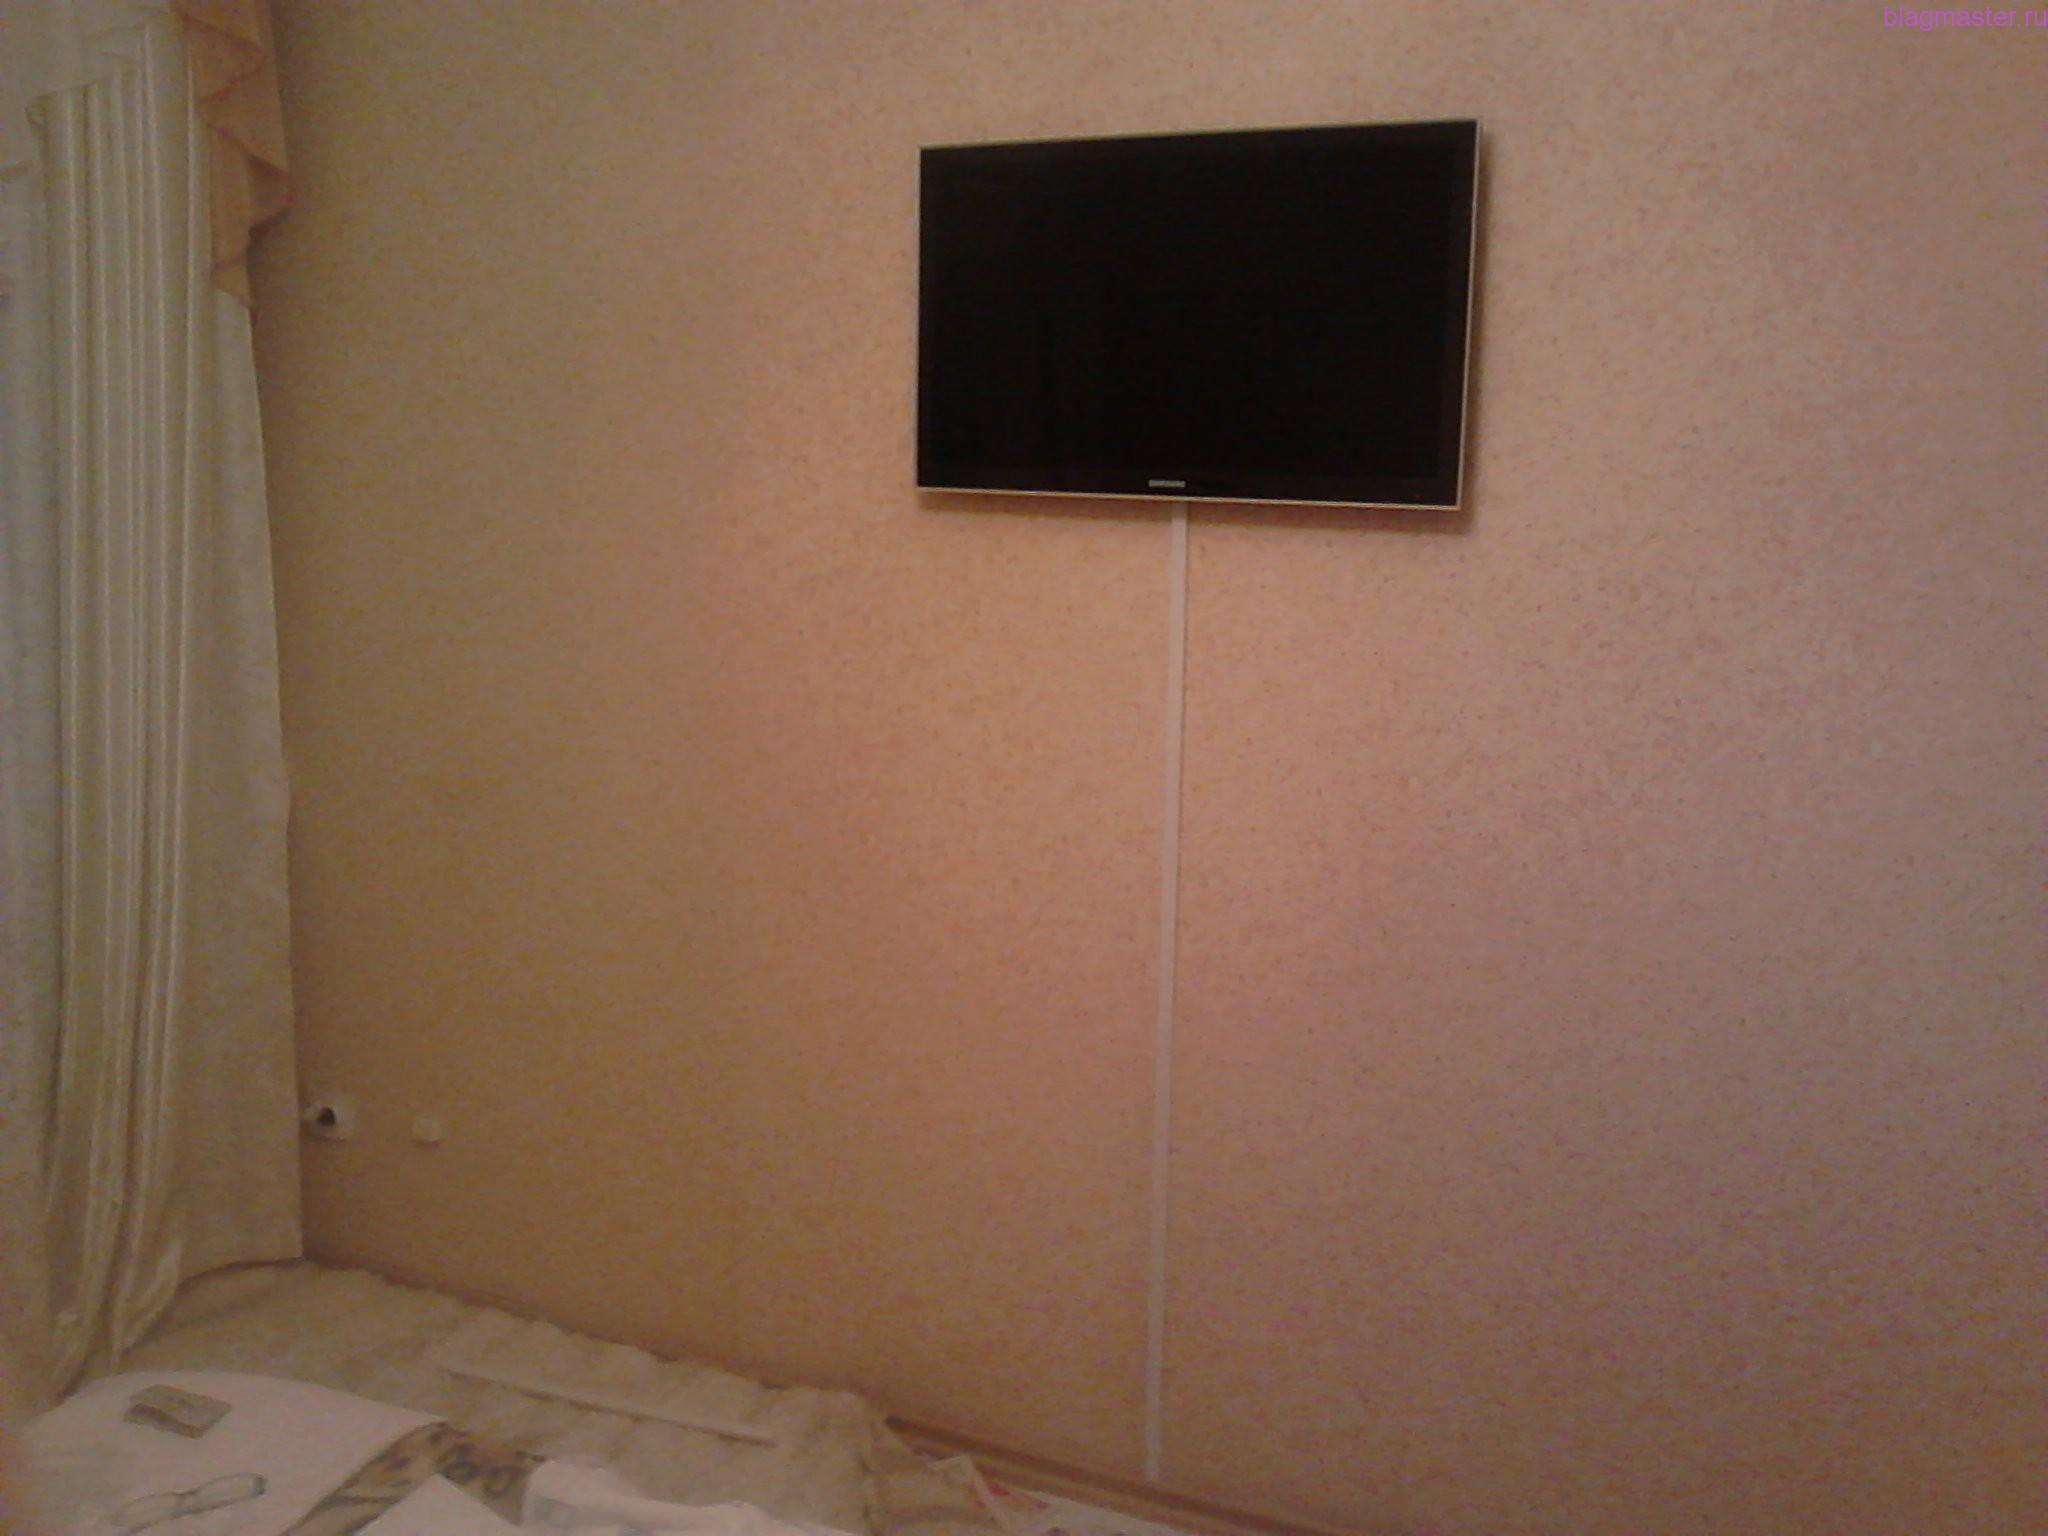 Крепление телевизора и укладка проводов в кабельканале